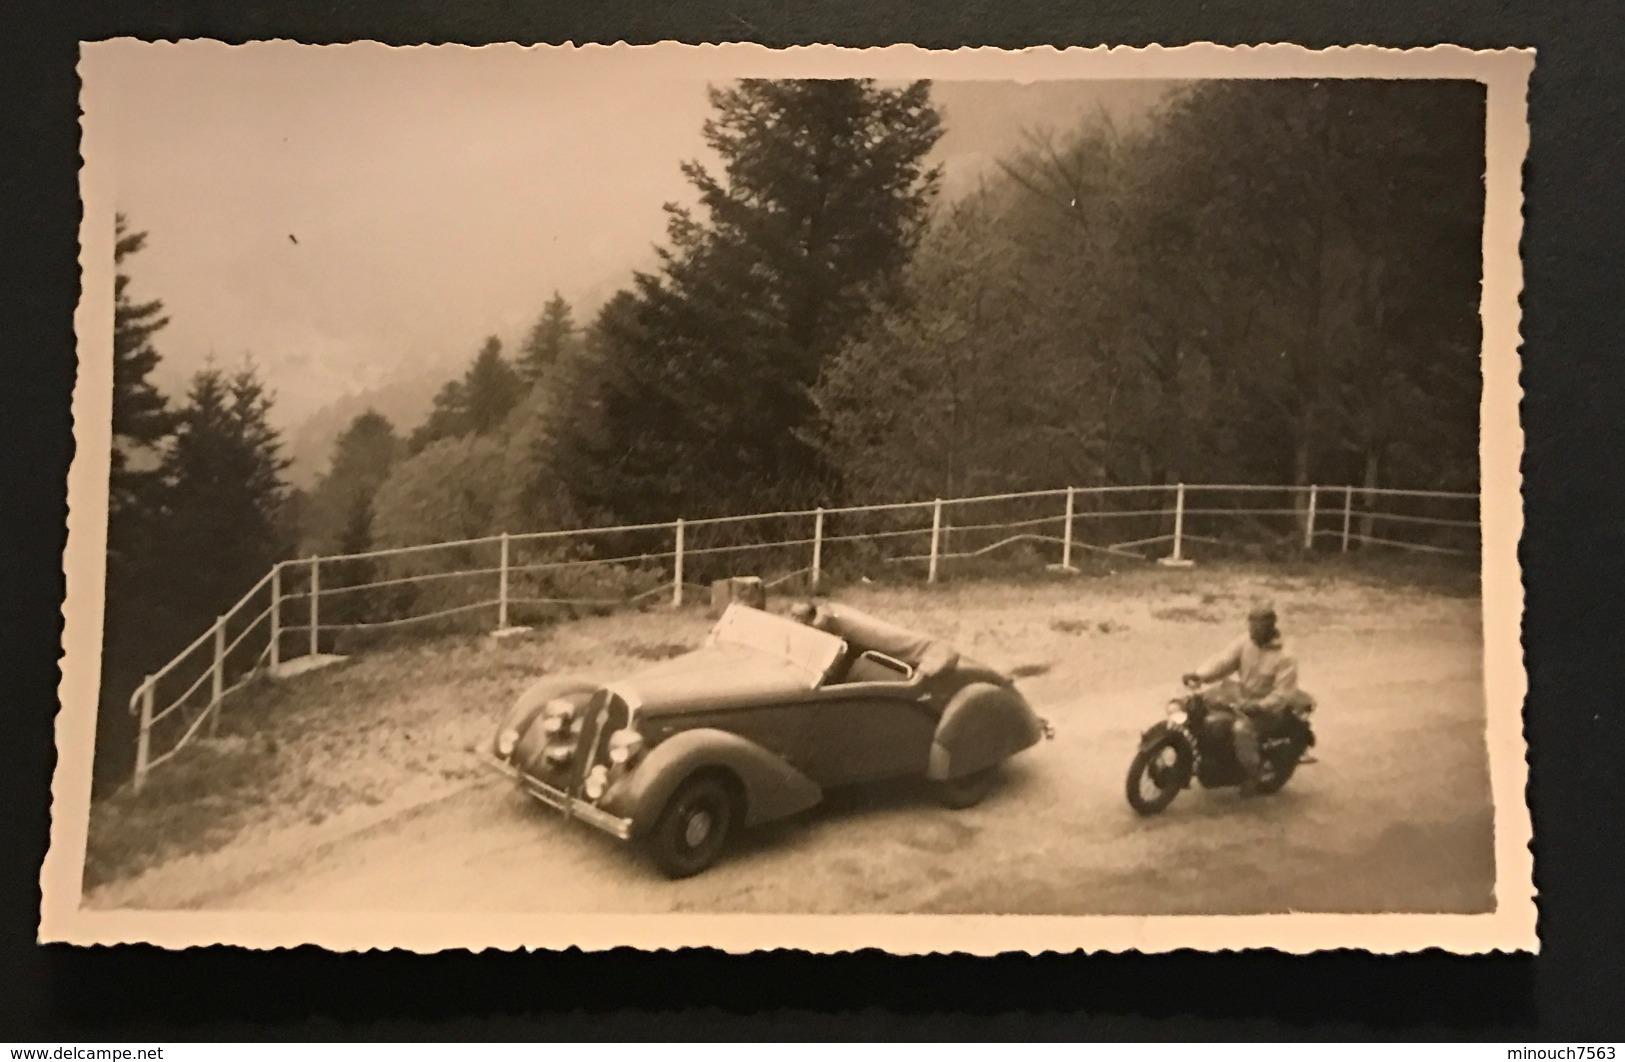 Photographie Ancienne - Automobile - Voiture Moto Ancienne - Automobiles